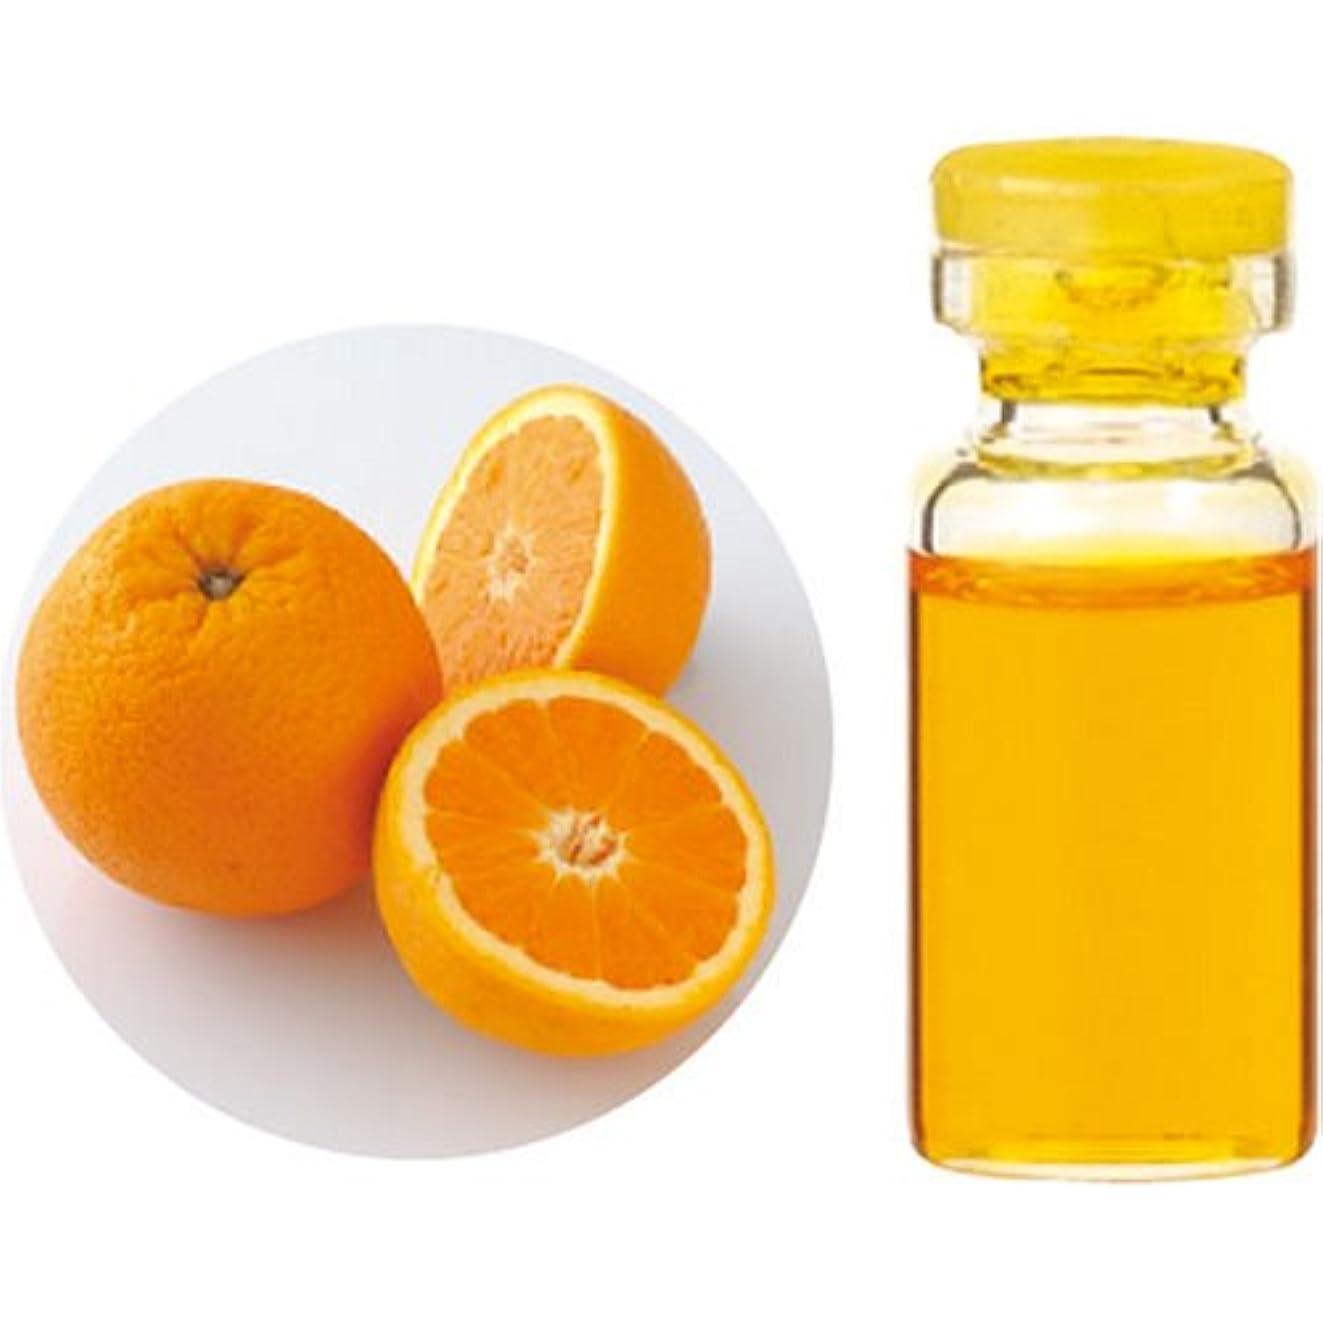 始まり共和党安全でないHerbalLife スィートオレンジ 10ml